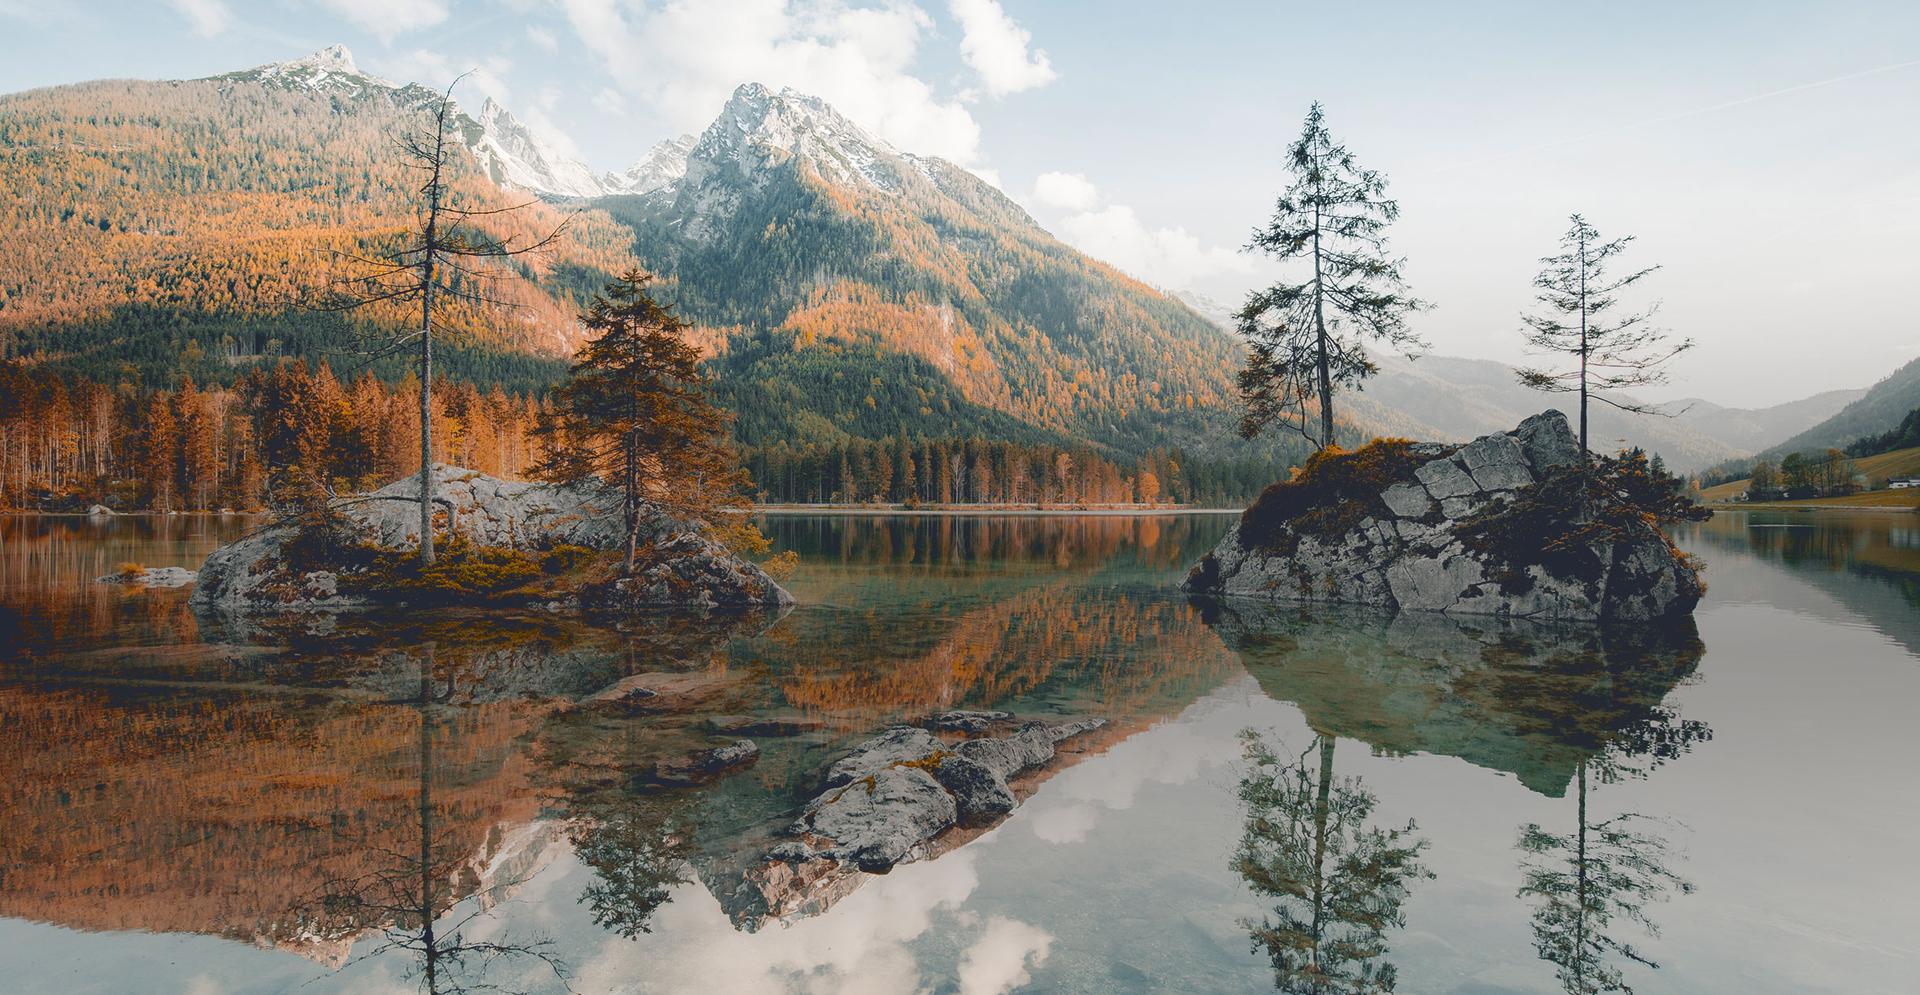 Gebirgssee mit Bergen und Wäldern im Hintergrund